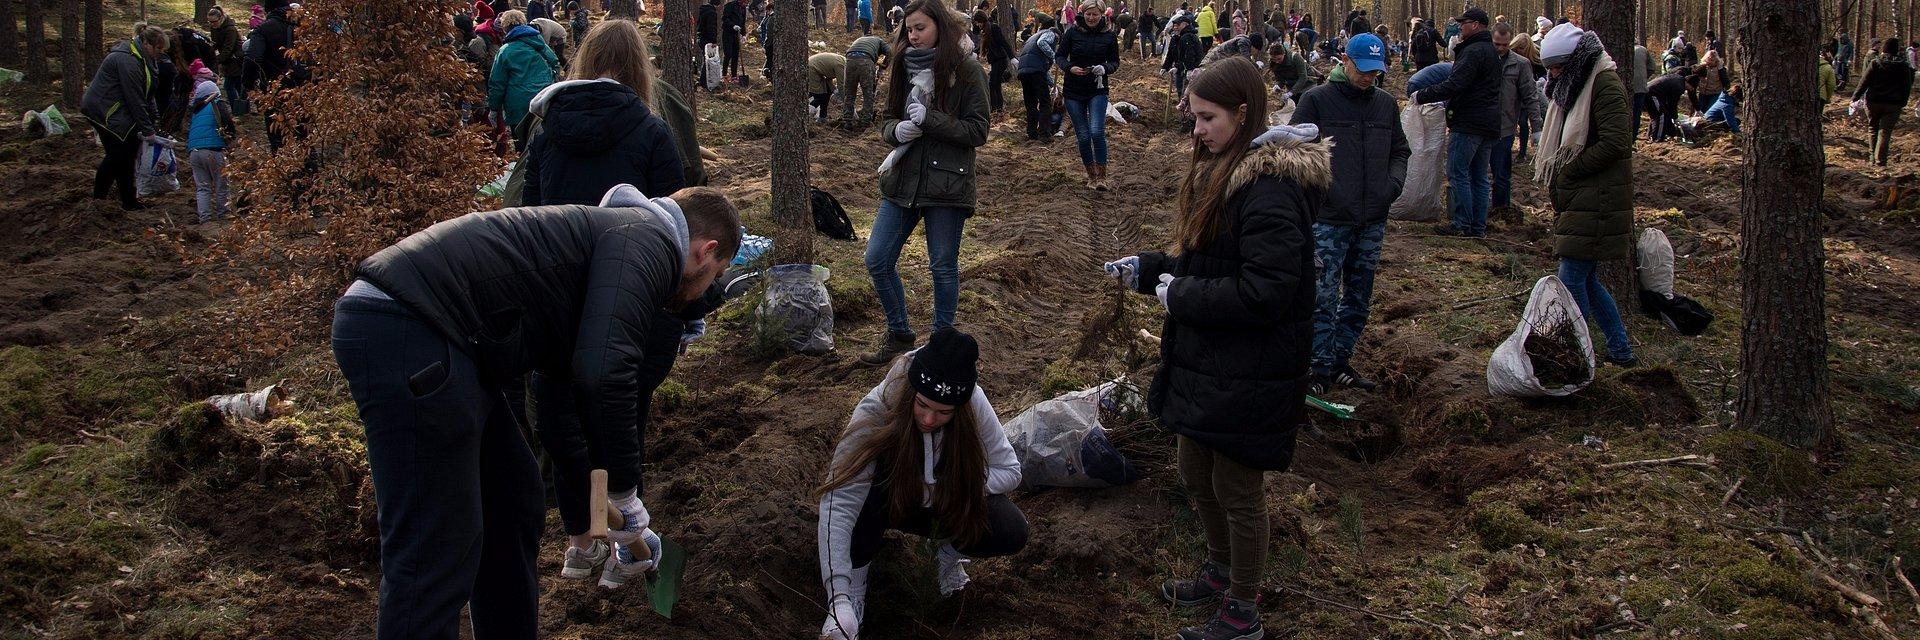 Zasadziliśmy 70 tysięcy drzew!